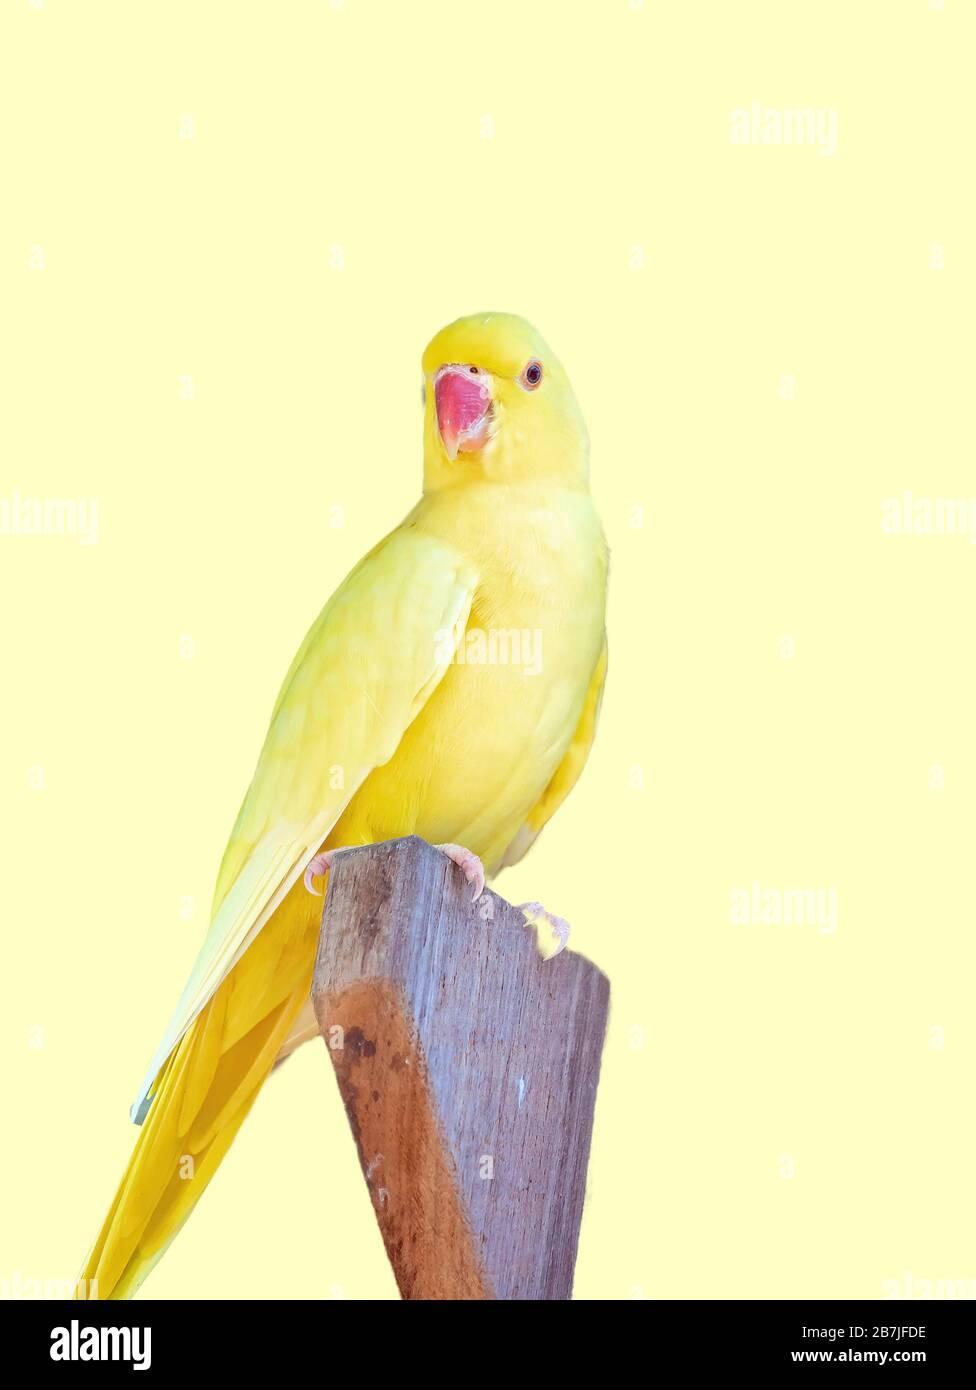 Gros plan d'un perroquet jaune assis à l'extérieur de sa maison d'oiseaux où il niche Banque D'Images